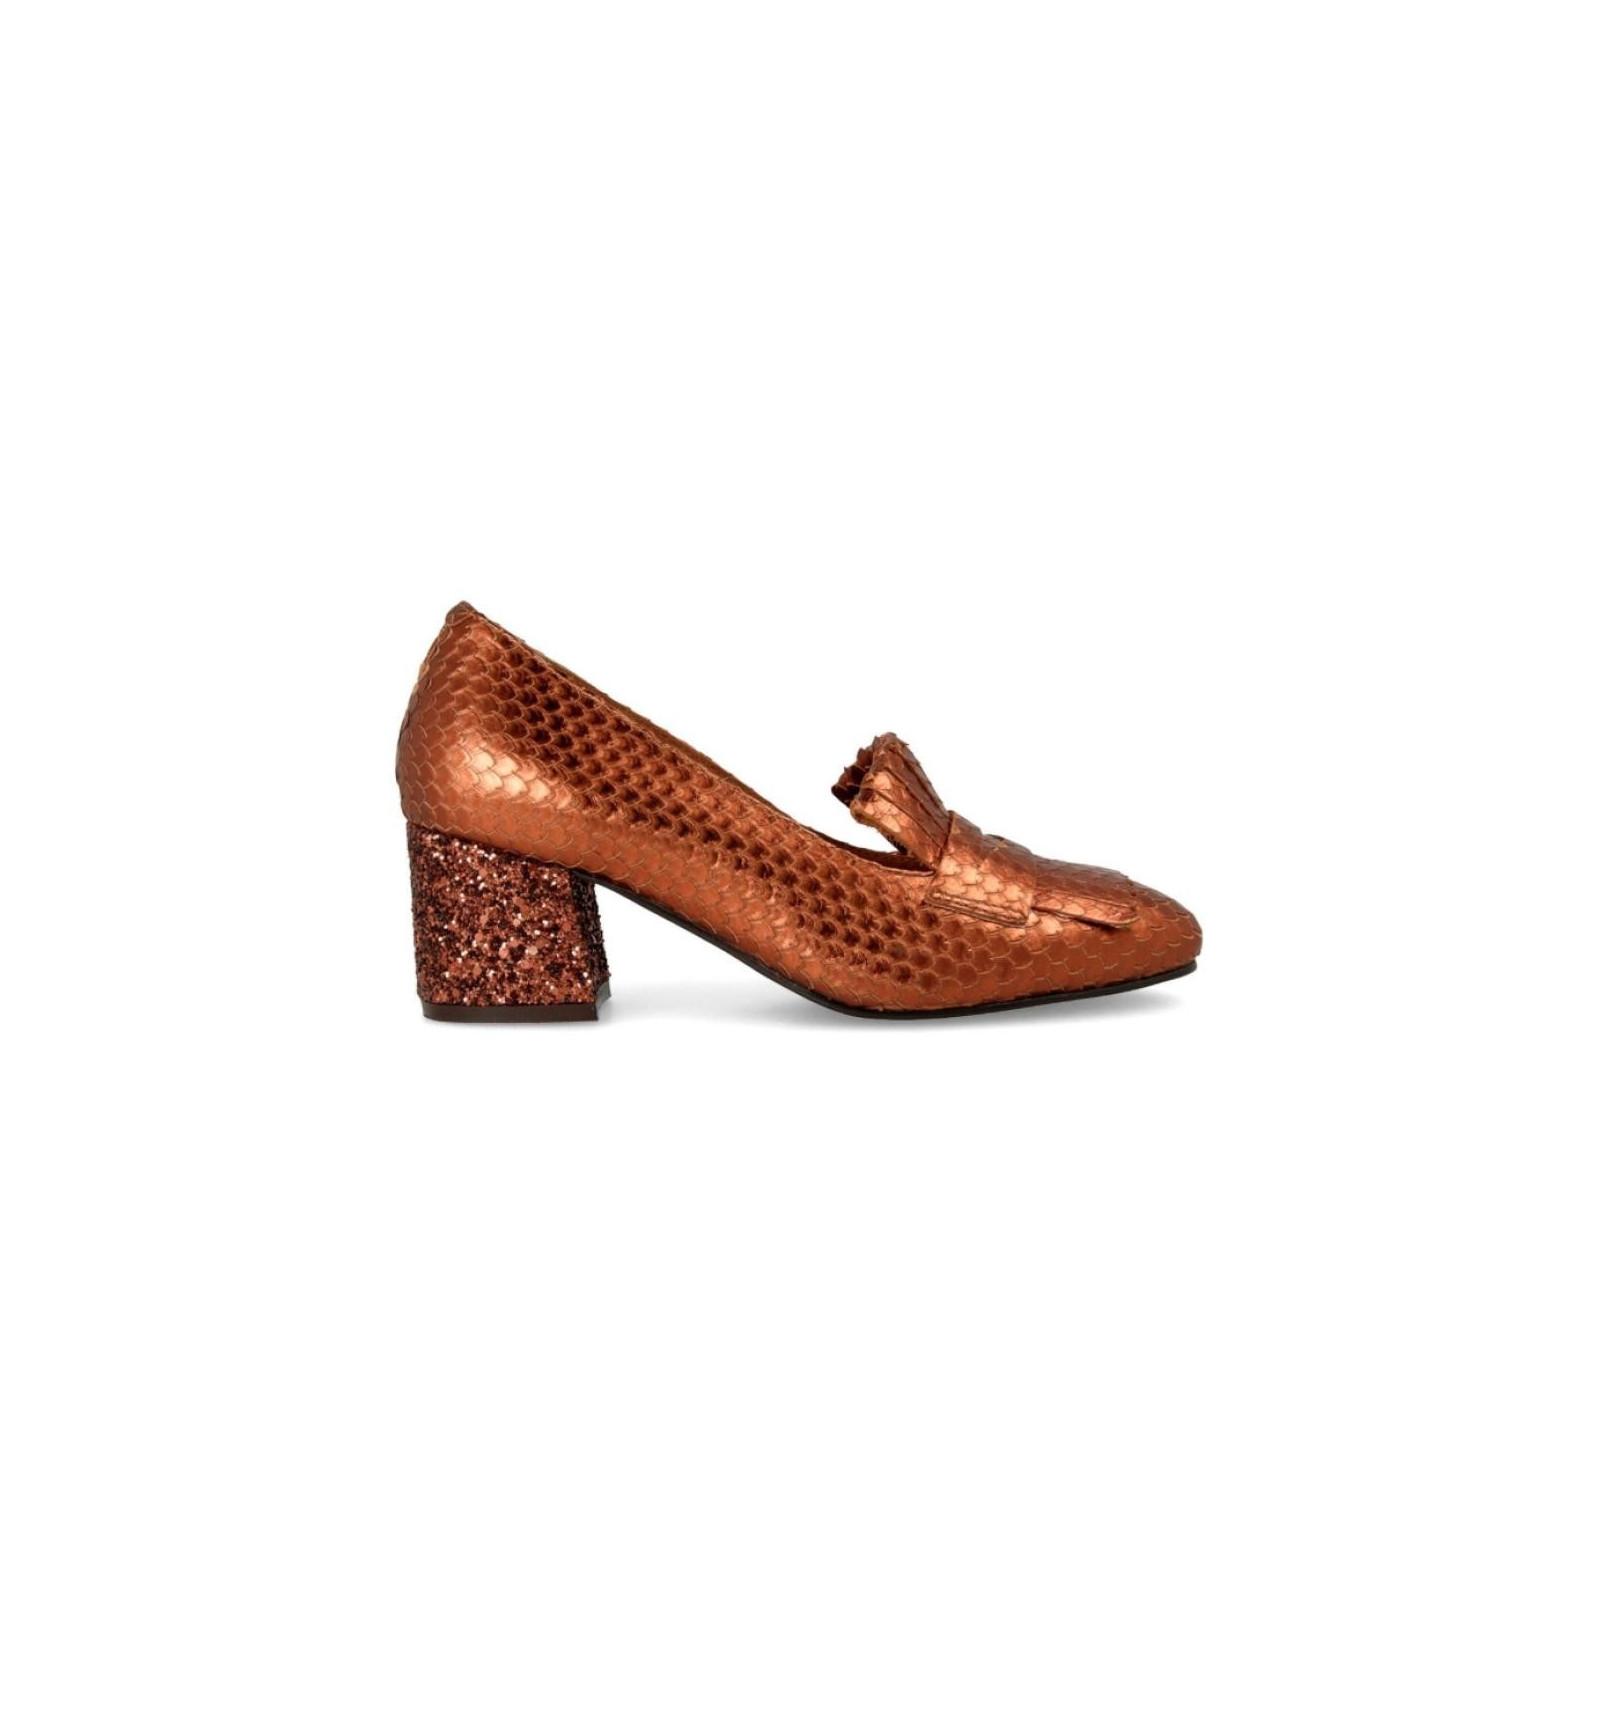 697ef024598 Gioseppo-41983 - ADN Shoes